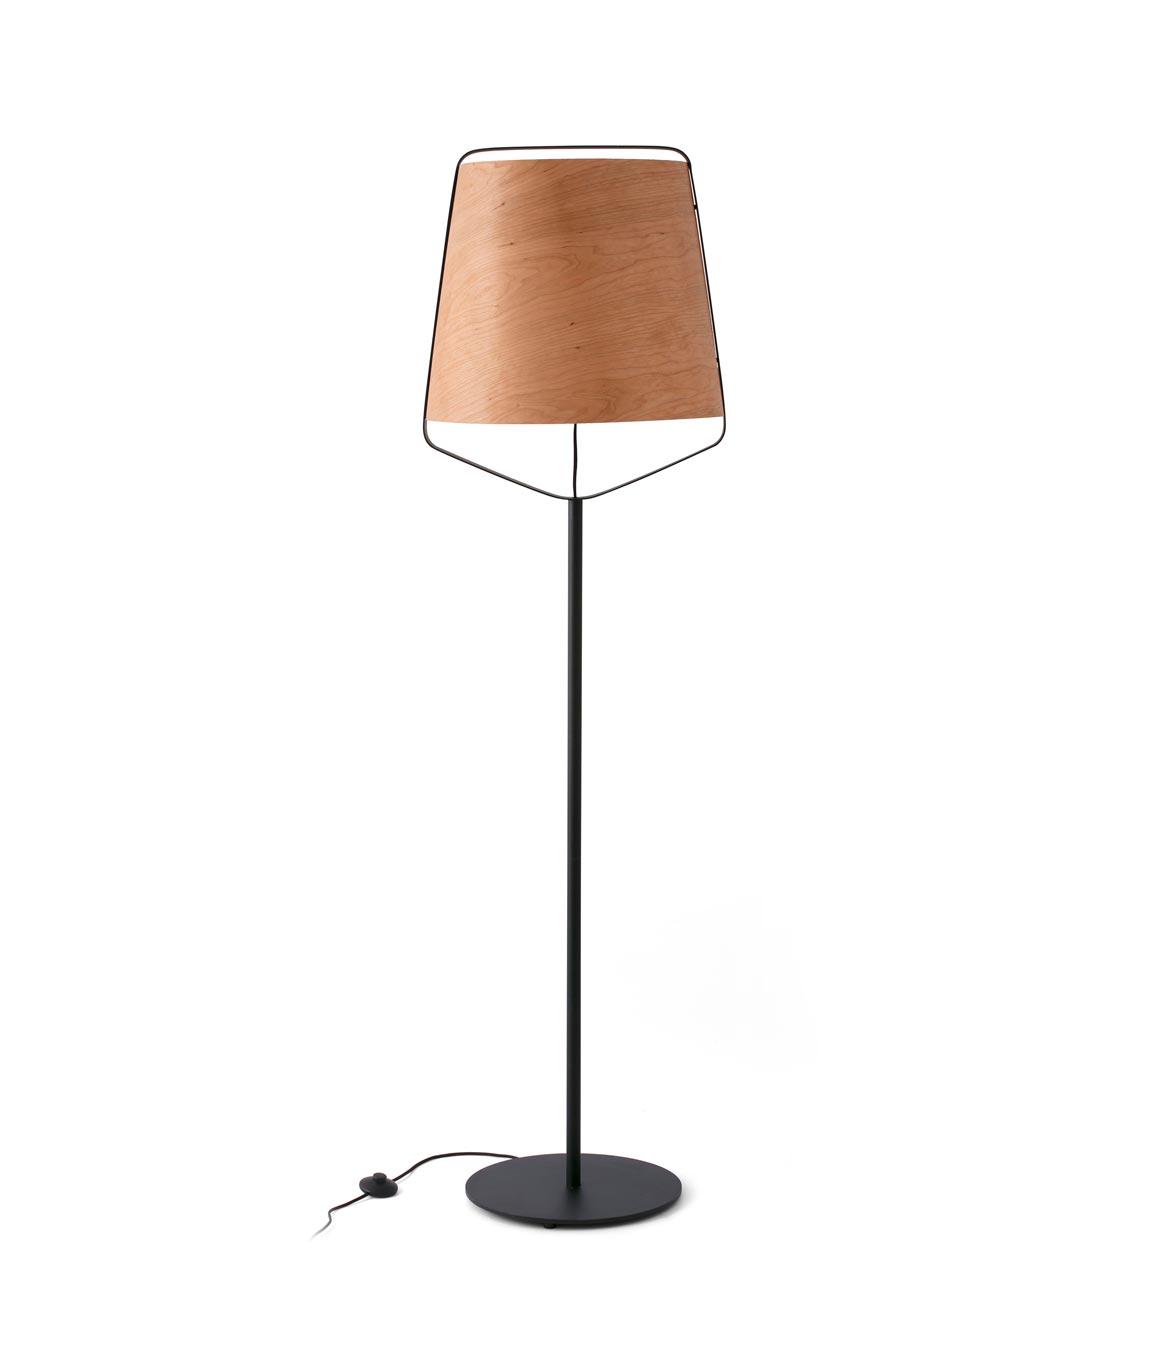 Lámpara pie de salón madera y negro STOOD detalle